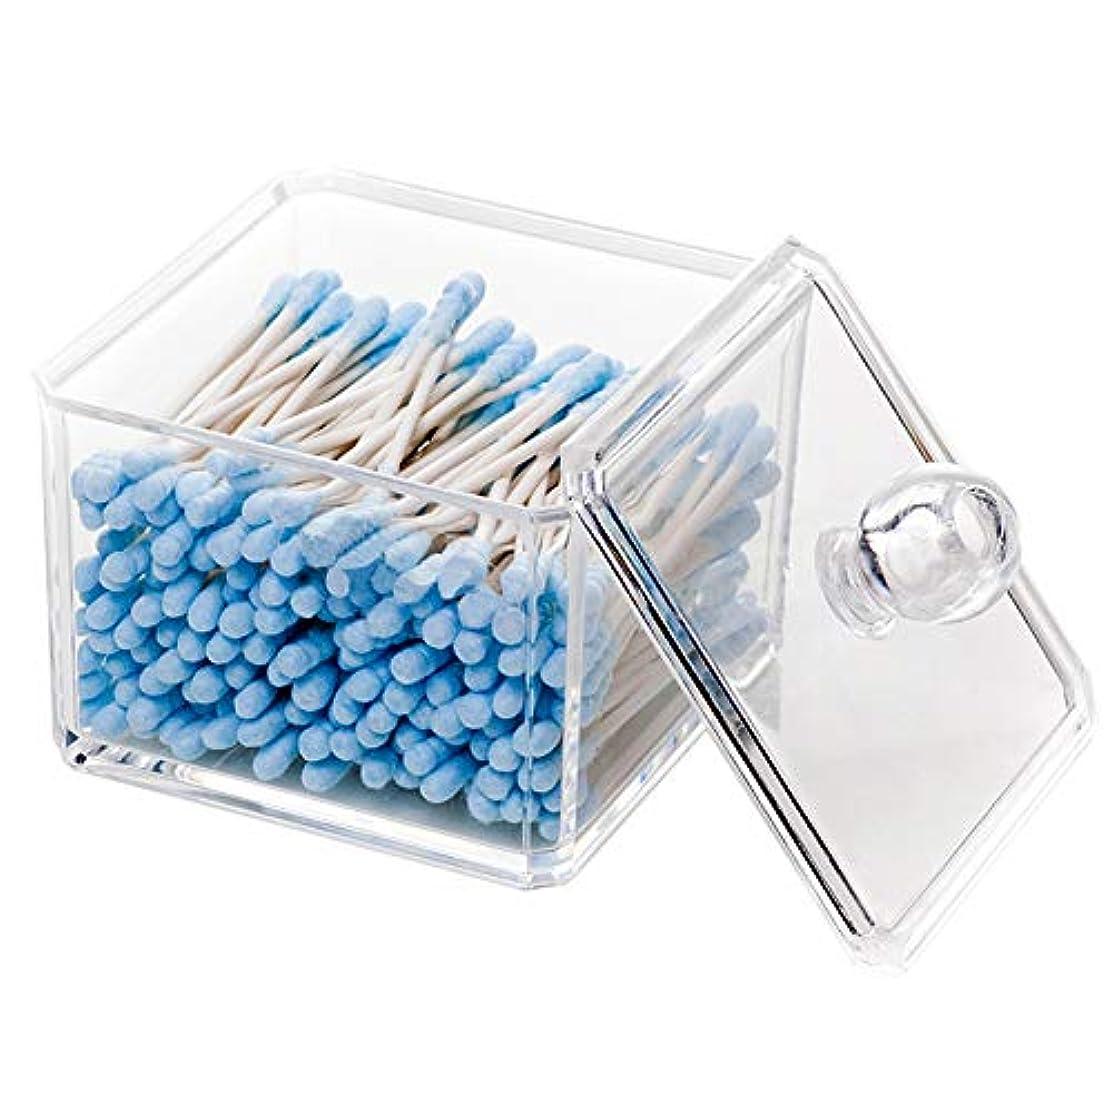 眠っている地味な順応性のある綿棒収納ボックス 綿棒ケース アクリル製 コットンケース 綿棒入れ フタ付き 小物入れ QFENC